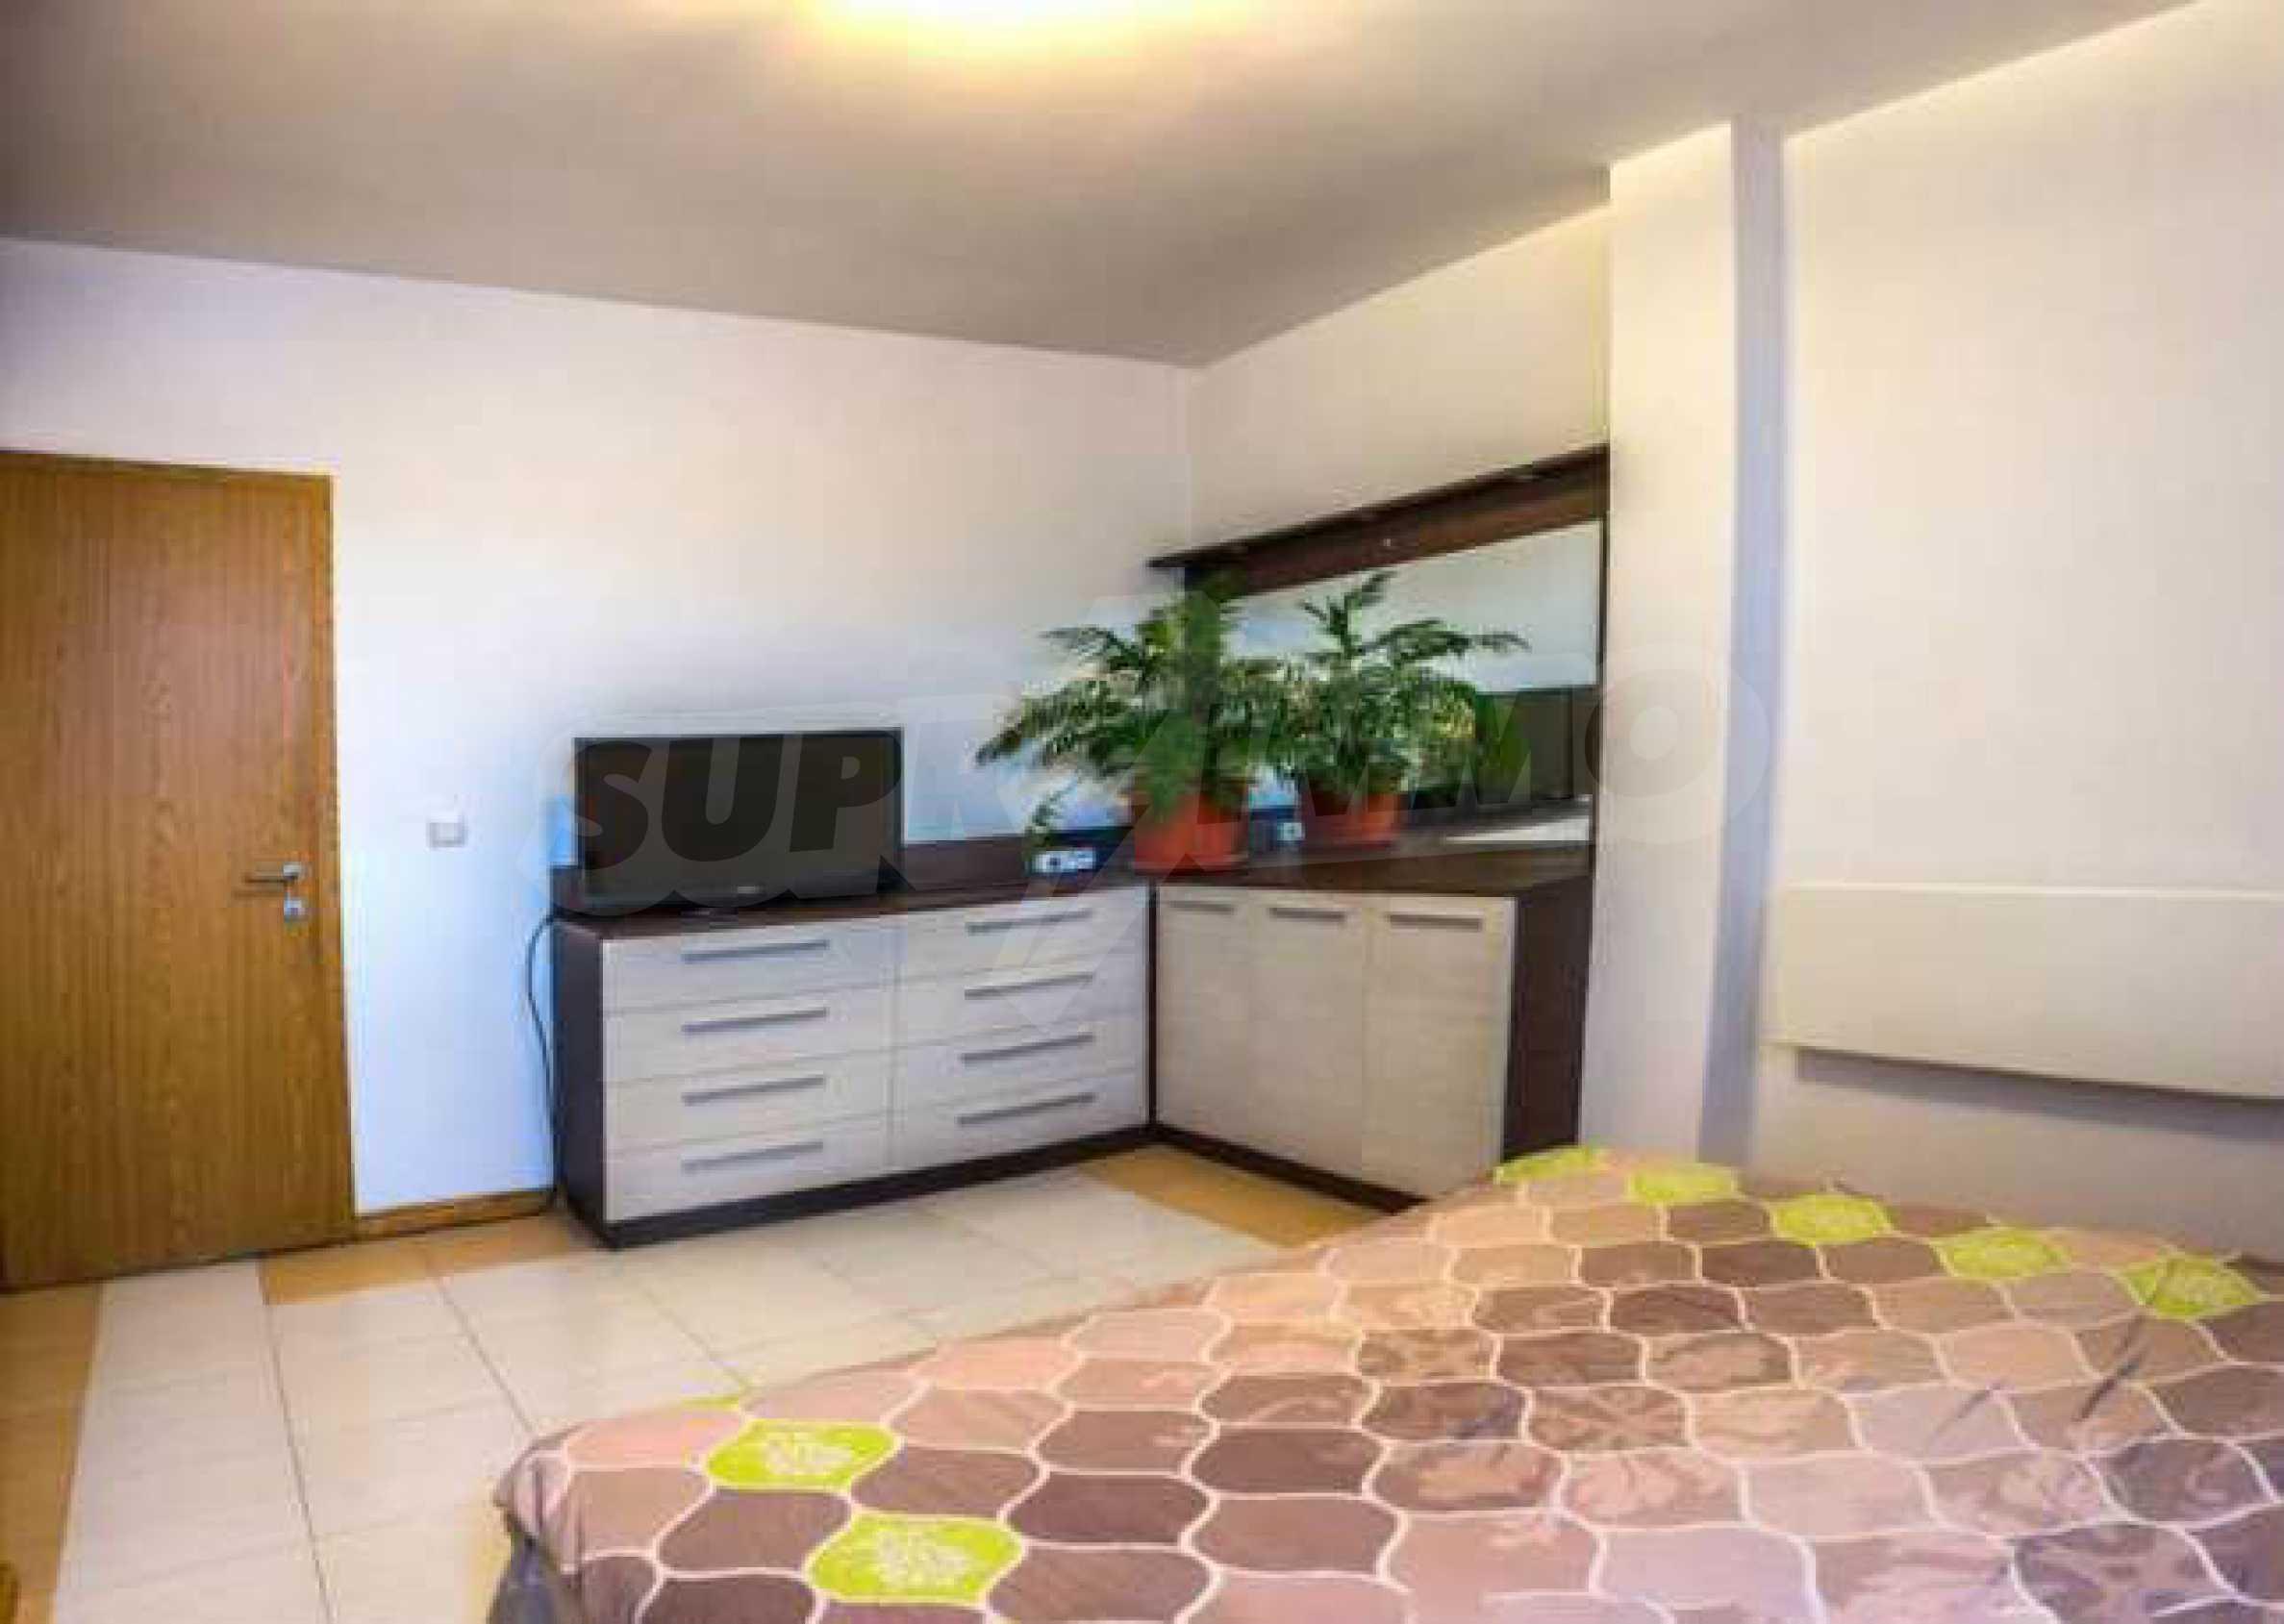 Новопостроен тристаен апартамент в кв. на град В. Търново  5